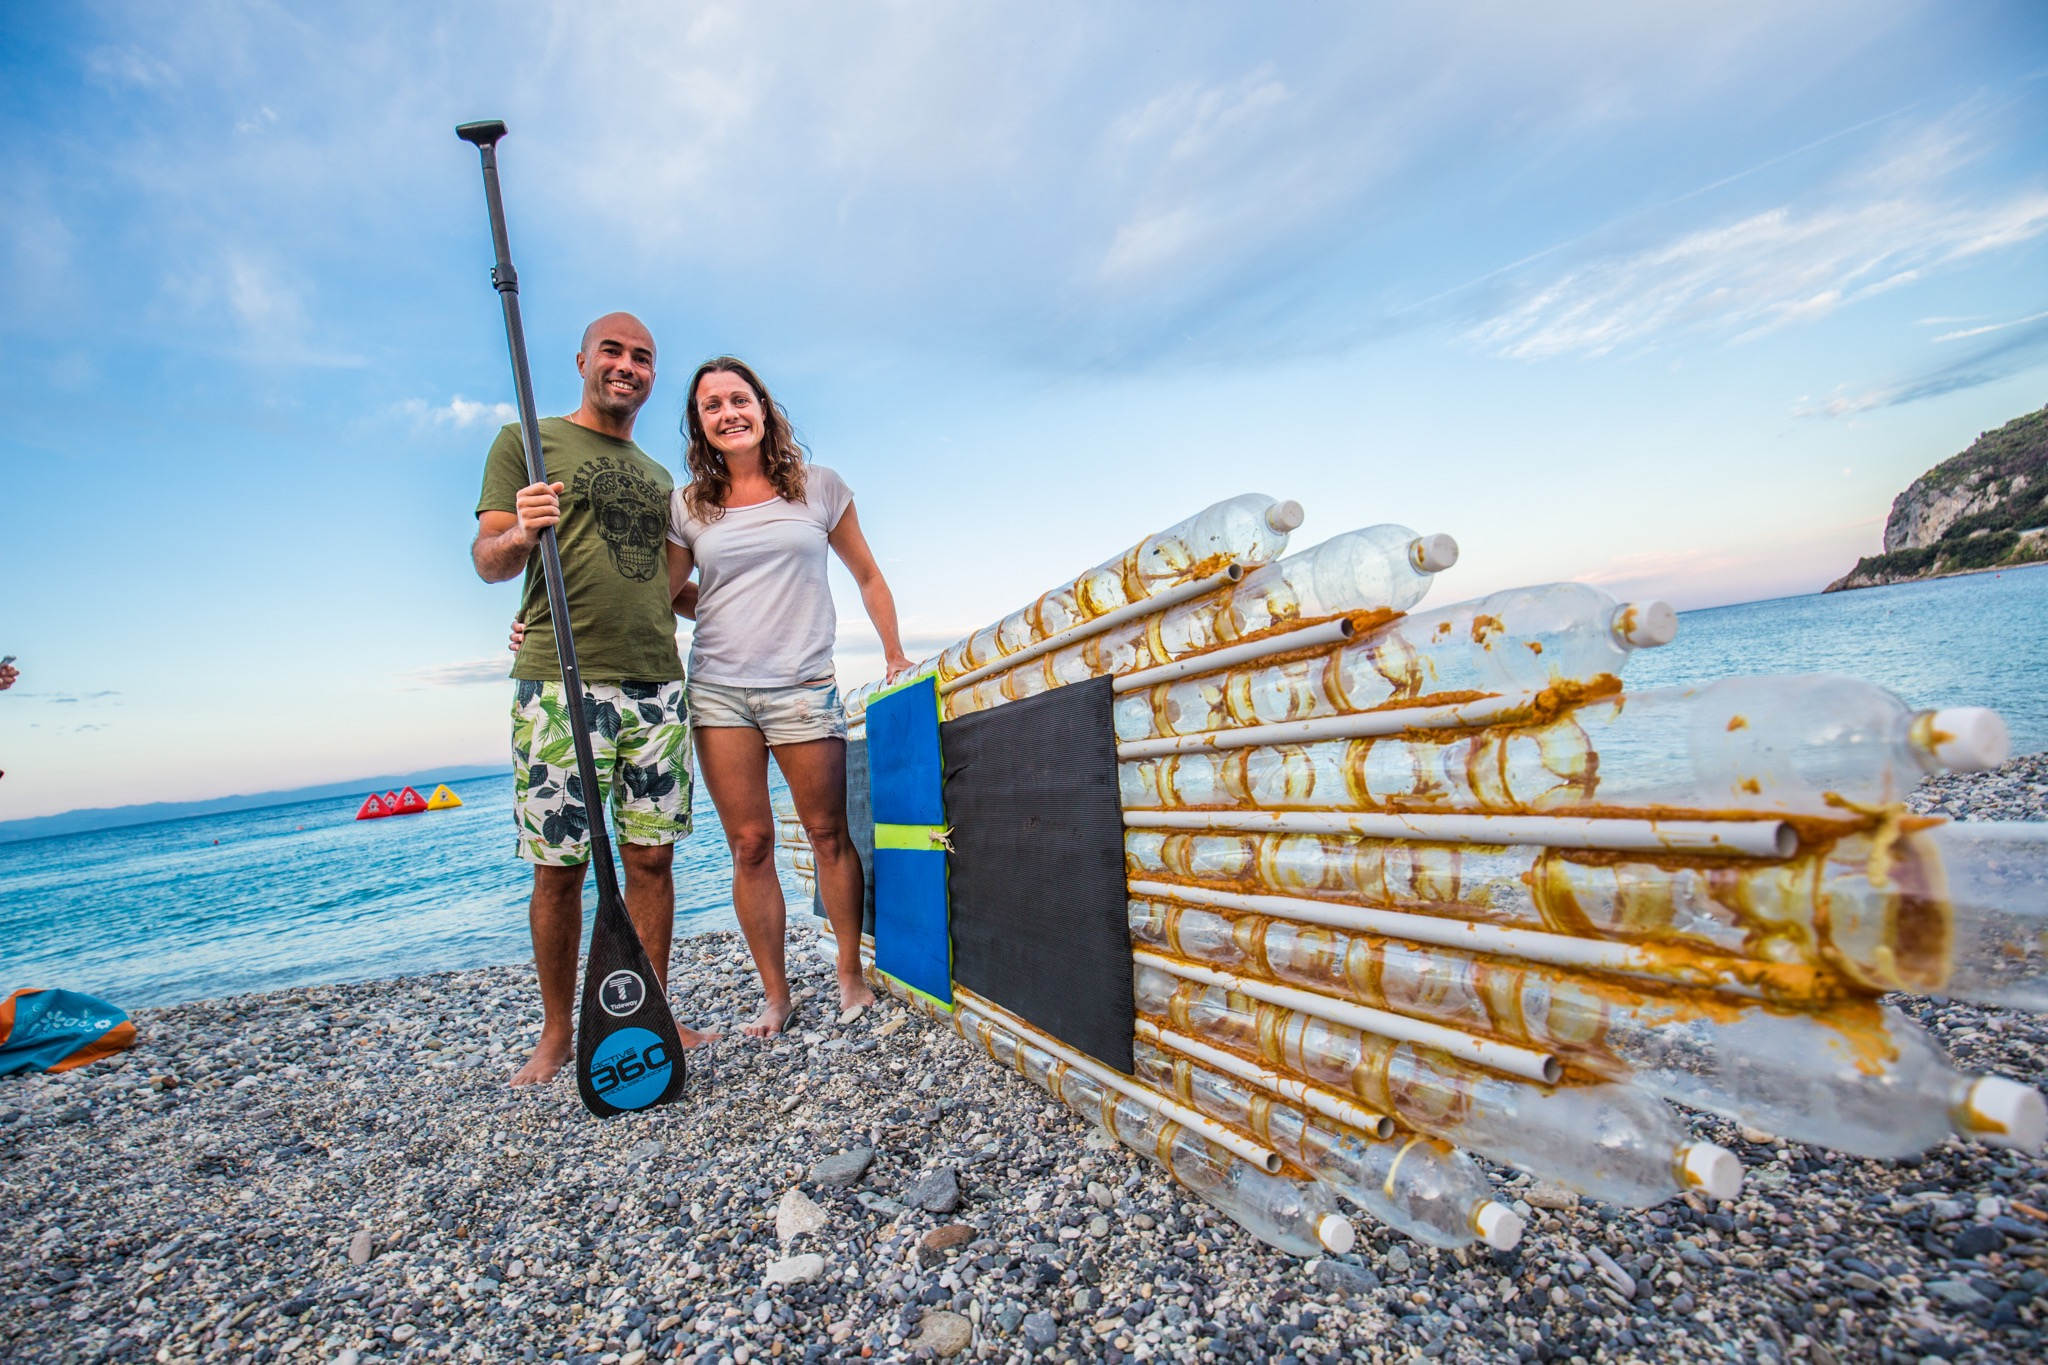 Σκιάθος: Ο ακτιβιστές με την σχεδία με τα μπουκάλια έφτασαν στο νησί!(Photos)